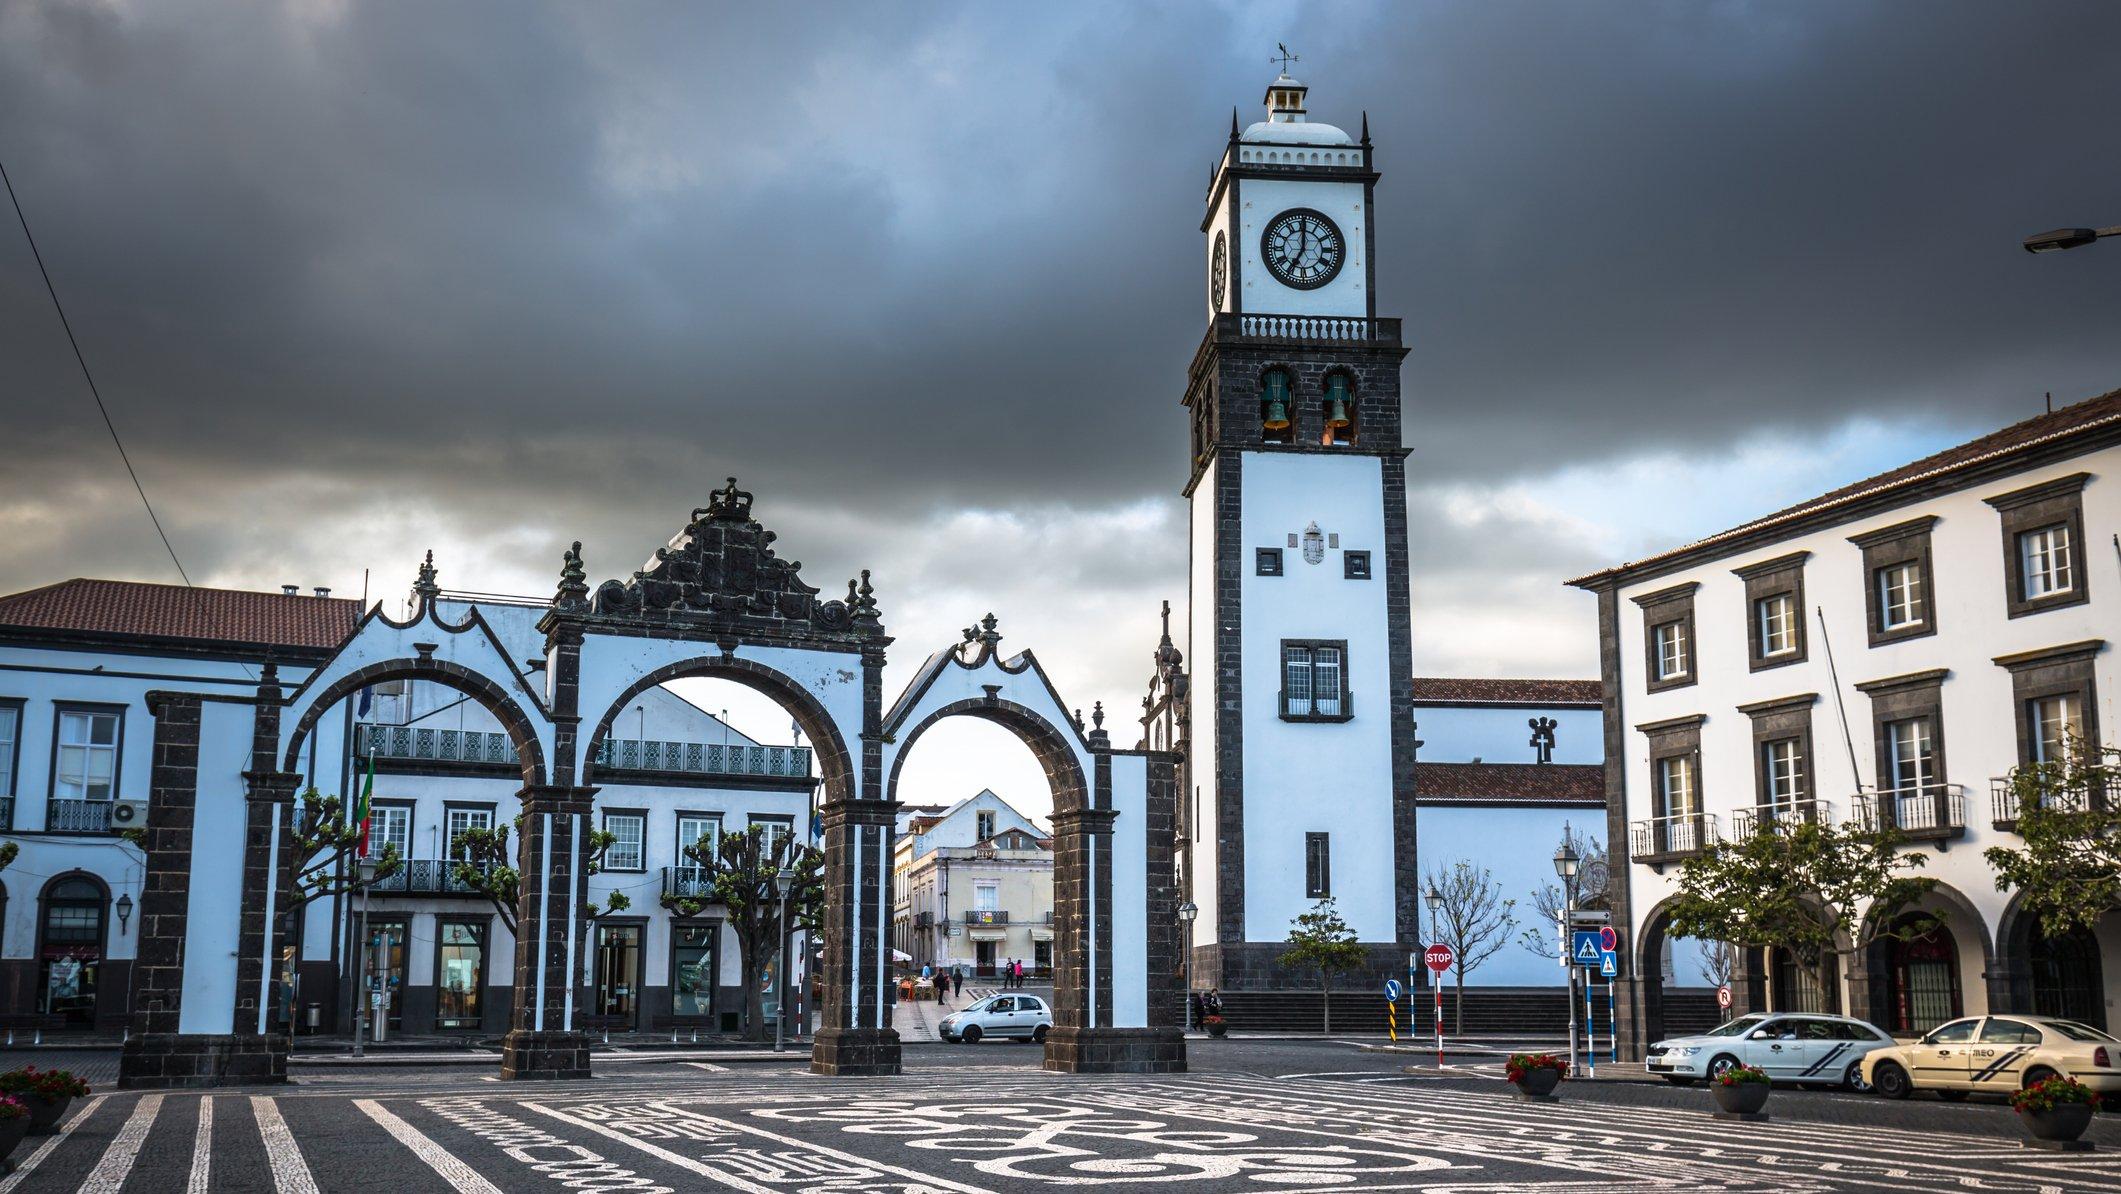 Ponta Delgada, Azores, Portugal - April 20, 2015